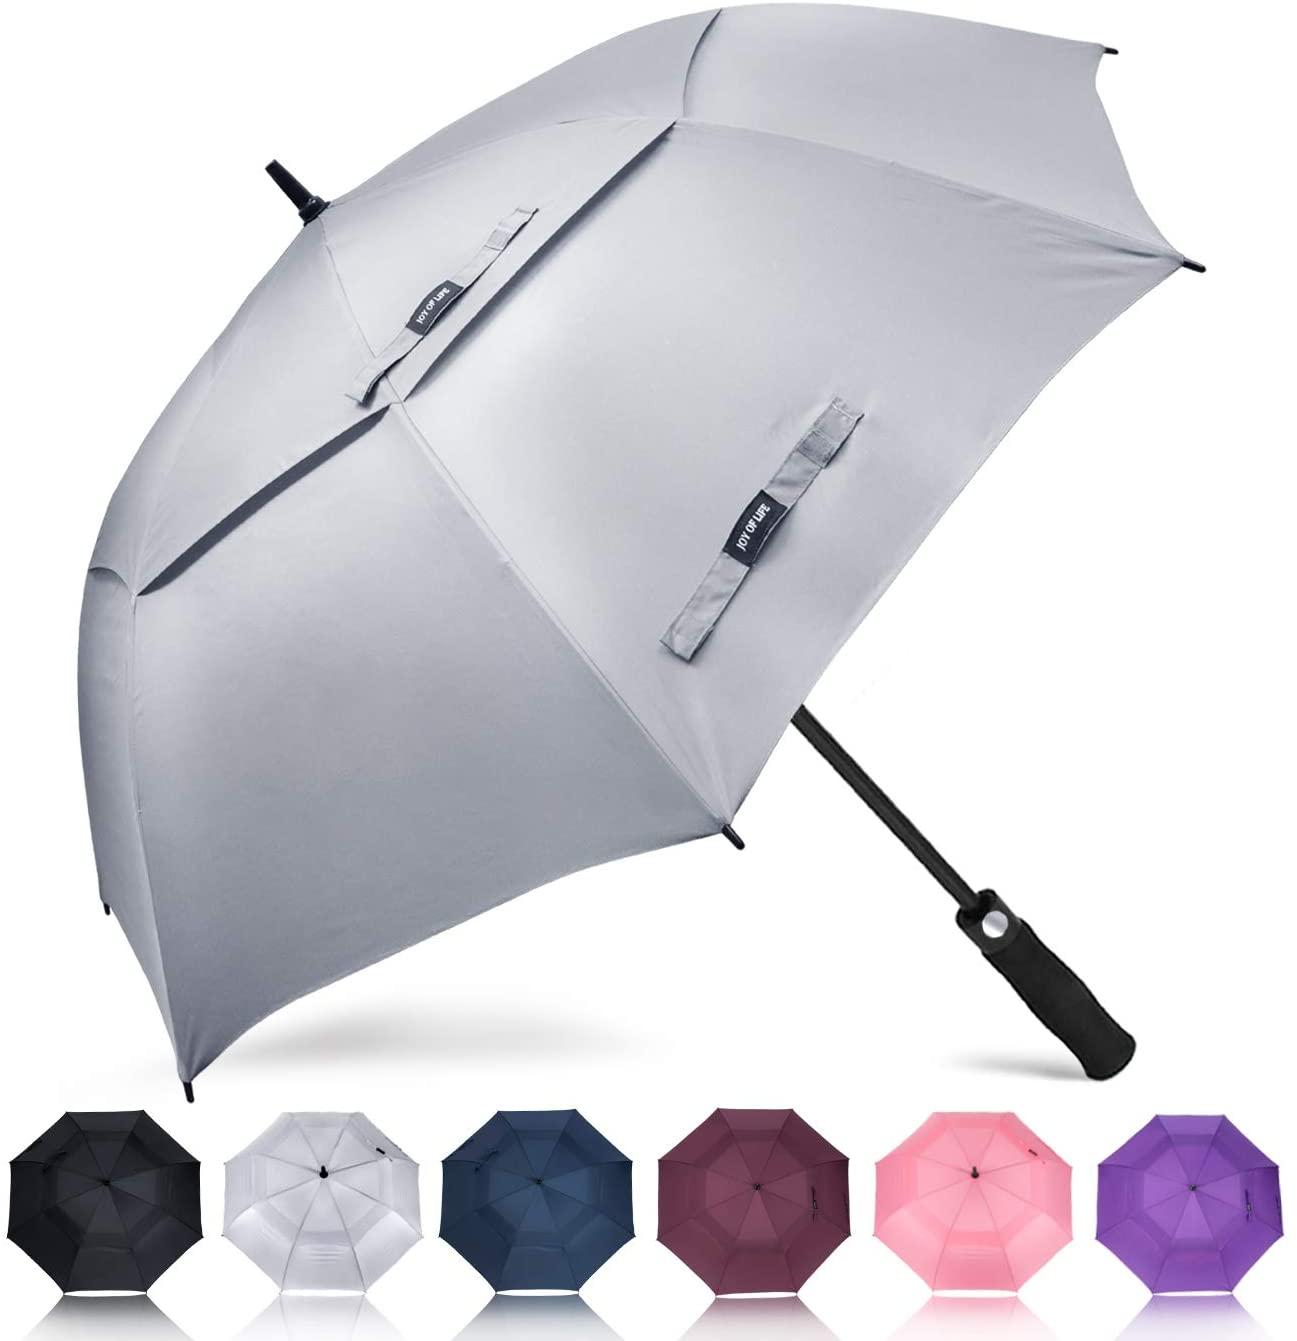 Paraguas resistente al viento Zomake